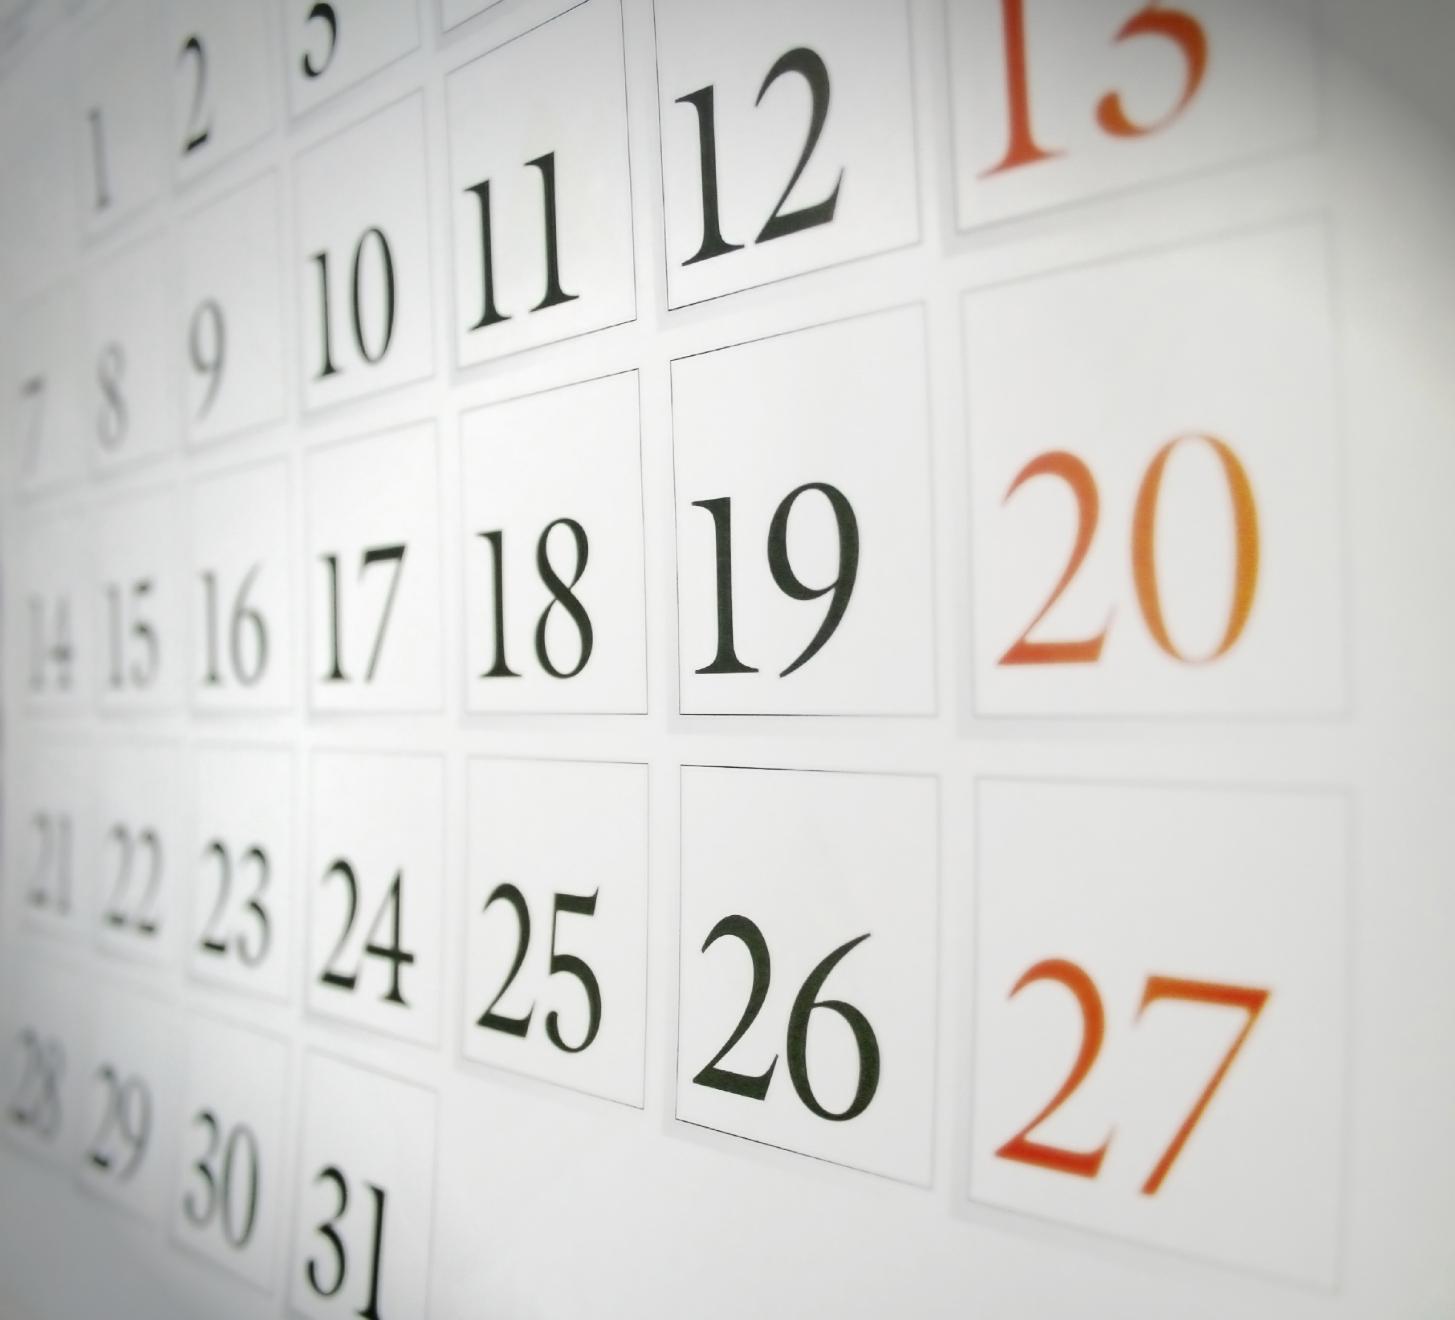 Važni datumi - Međunarodni naučni skup Sinergija